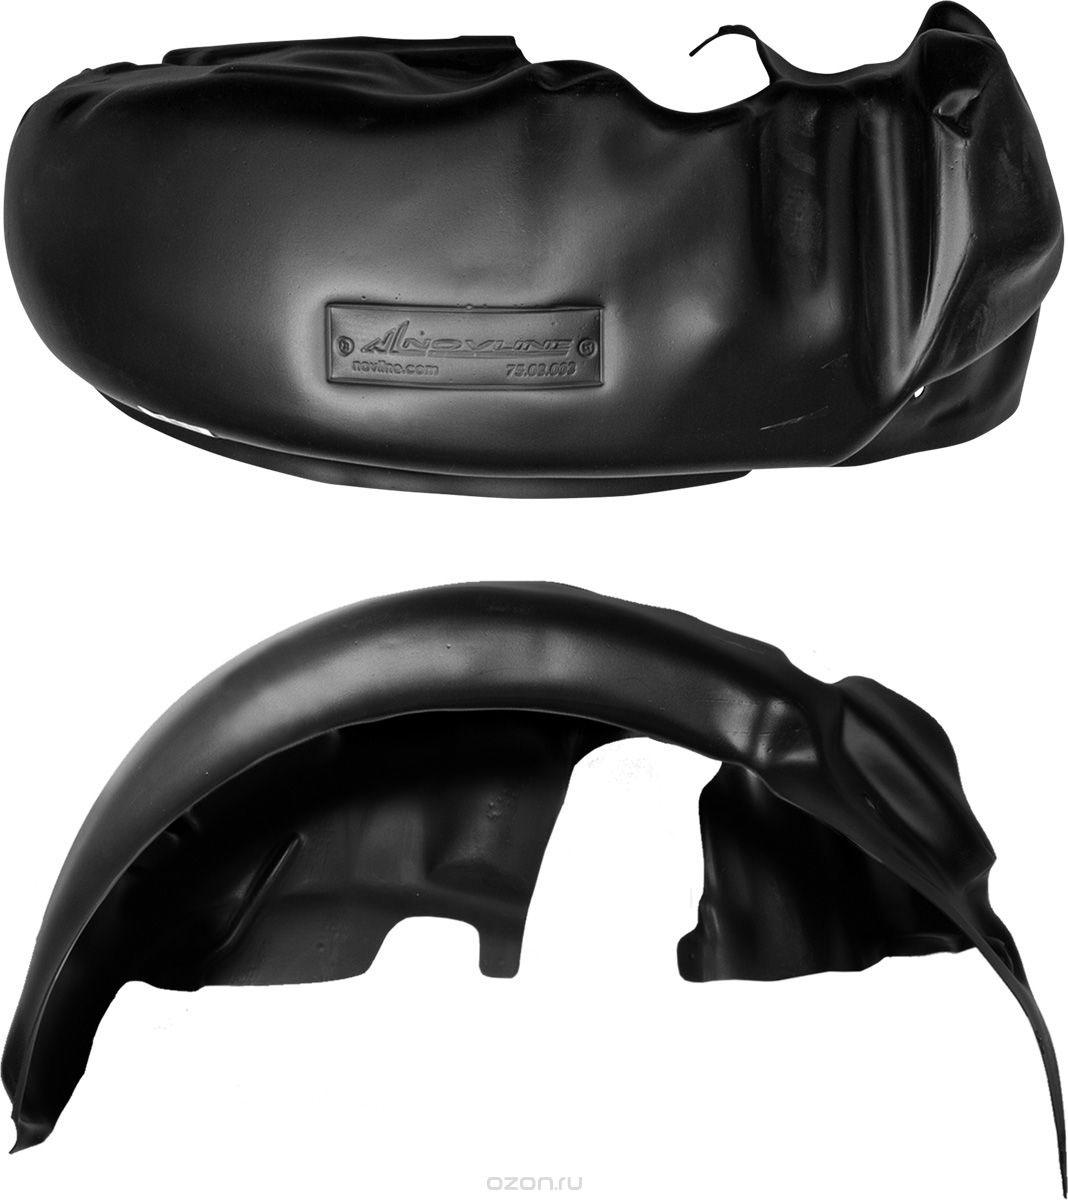 Подкрылок Novline-Autofamily, для Chevrolet Aveo 5D/3D, 2008->, хэтчбек, задний левый. NNL.08.13.003NLL.08.13.003Идеальная защита колесной ниши. Локеры разработаны с применением цифровых технологий, гарантируют максимальную повторяемость поверхности арки. Изделия устанавливаются без нарушения лакокрасочного покрытия автомобиля, каждый подкрылок комплектуется крепежом. Уважаемые клиенты, обращаем ваше внимание, что фотографии на подкрылки универсальные и не отражают реальную форму изделия. При этом само изделие идет точно под размер указанного автомобиля.